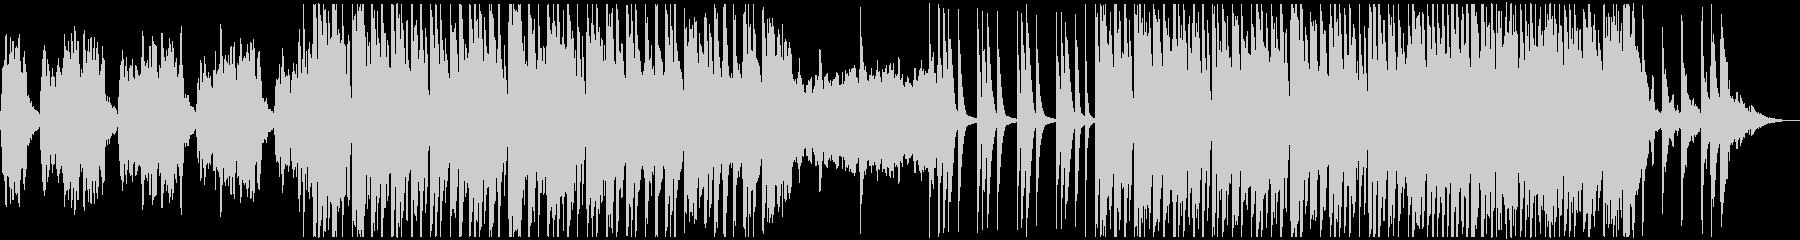 アラビアンなあやしげ官能的なBGMの未再生の波形